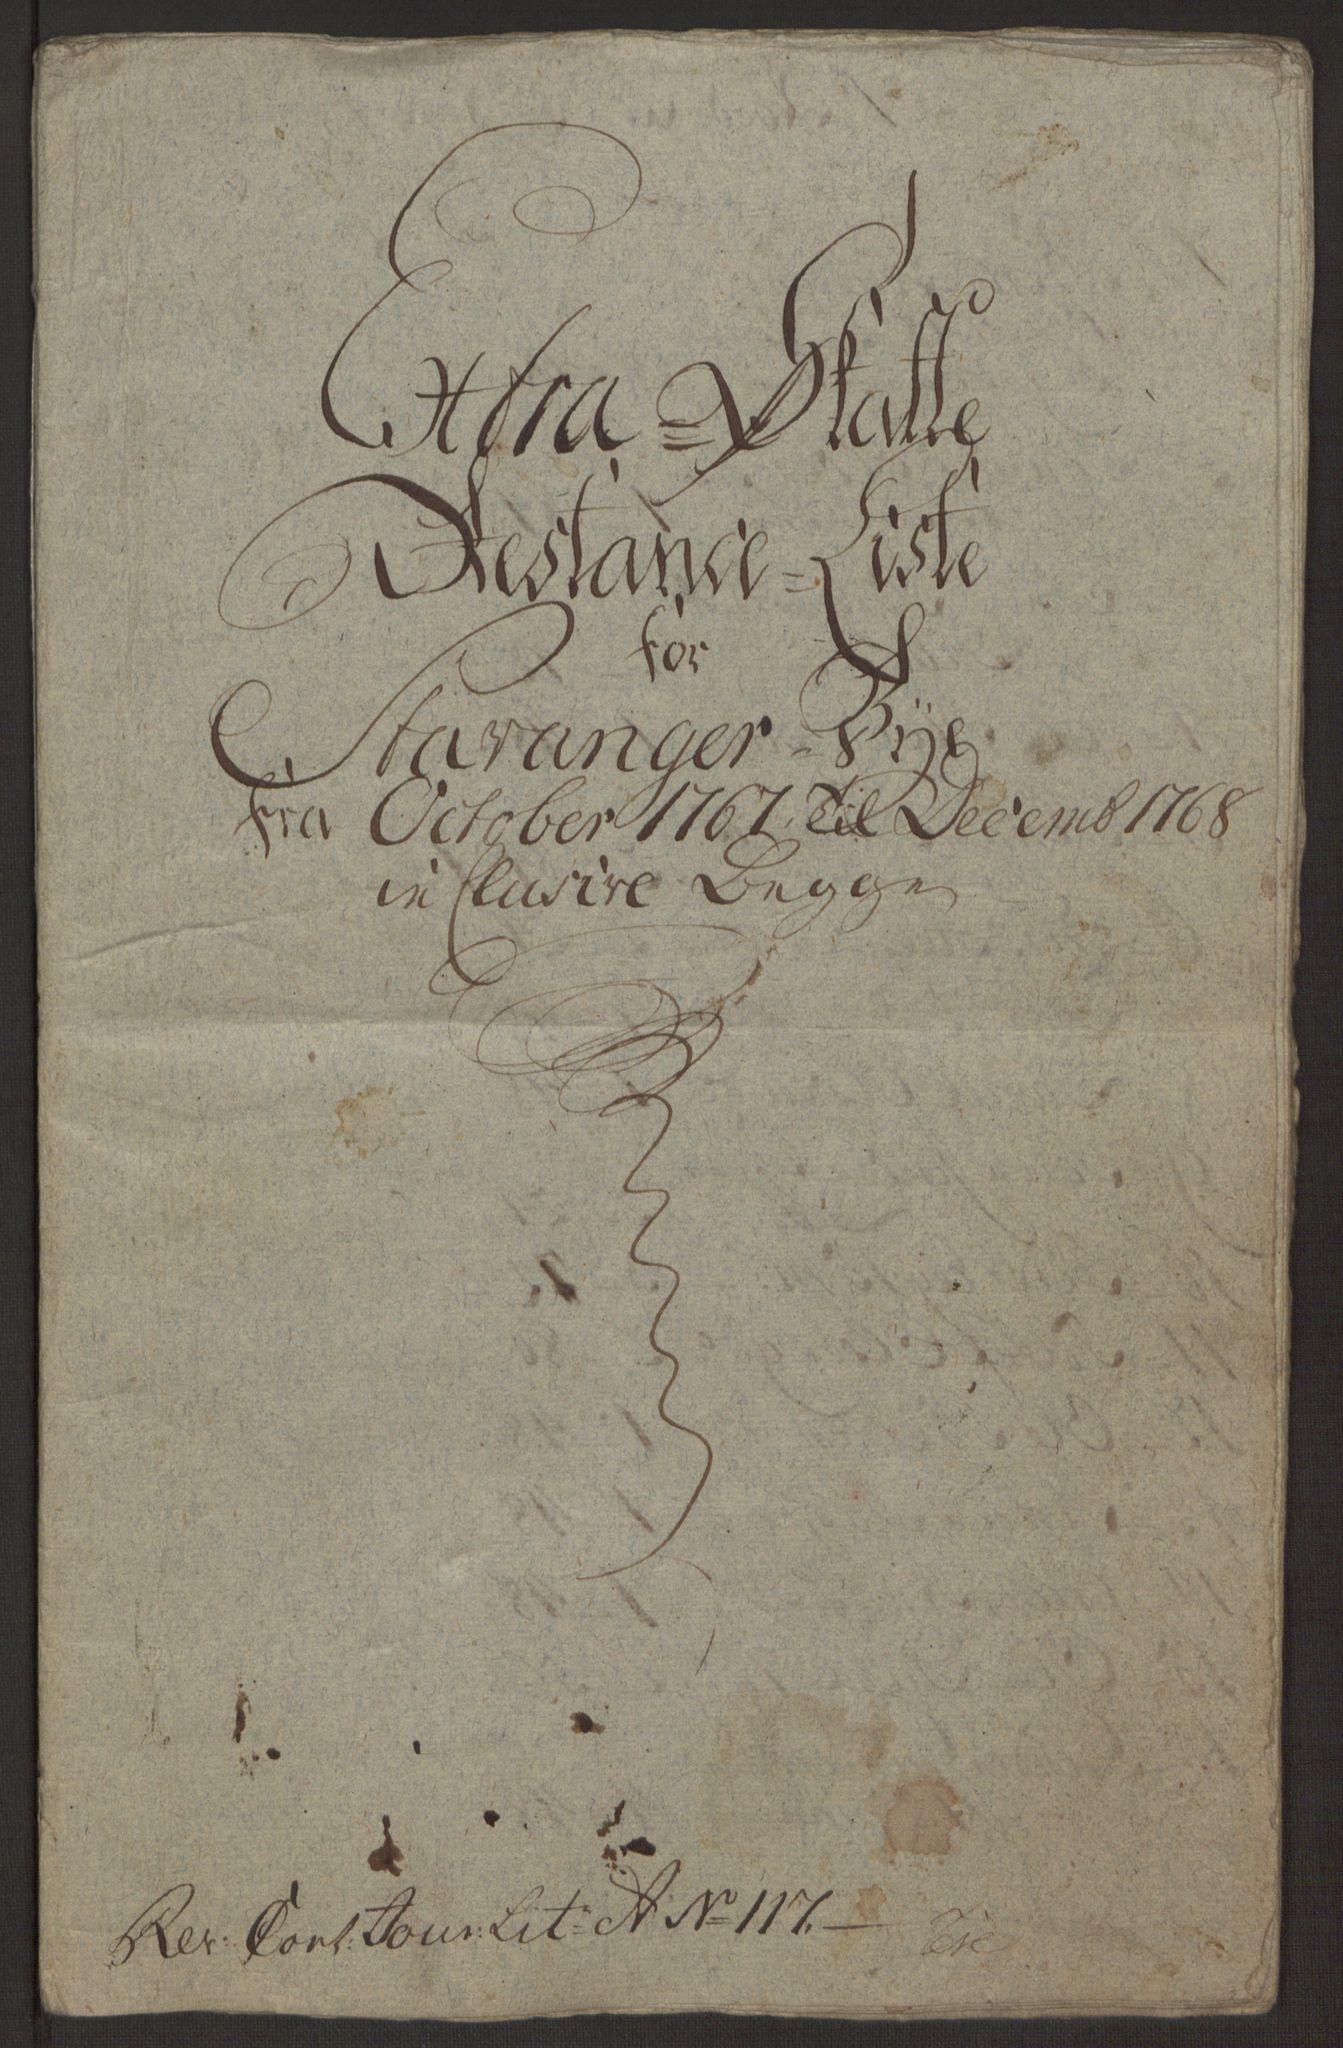 RA, Rentekammeret inntil 1814, Reviderte regnskaper, Byregnskaper, R/Ro/L0305: [O6] Kontribusjonsregnskap, 1762-1768, s. 393